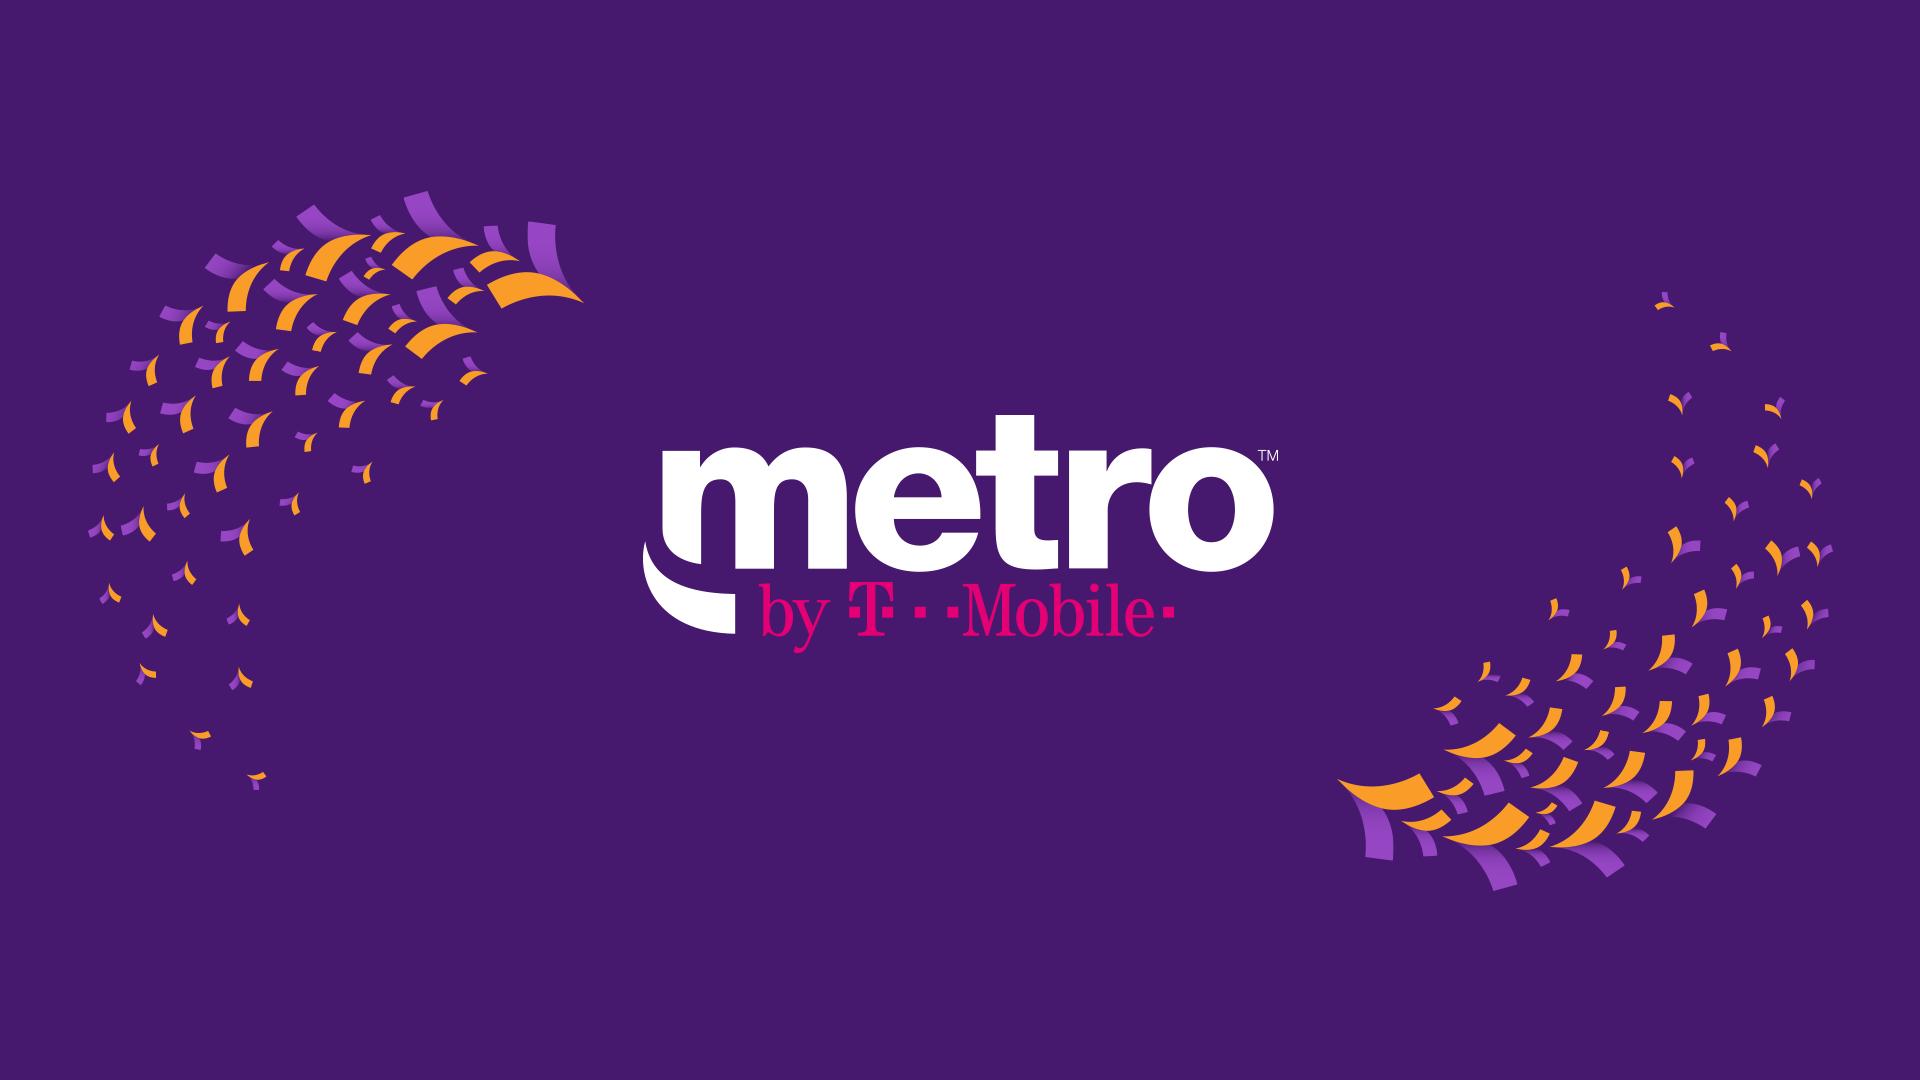 MetroPCS West Allis